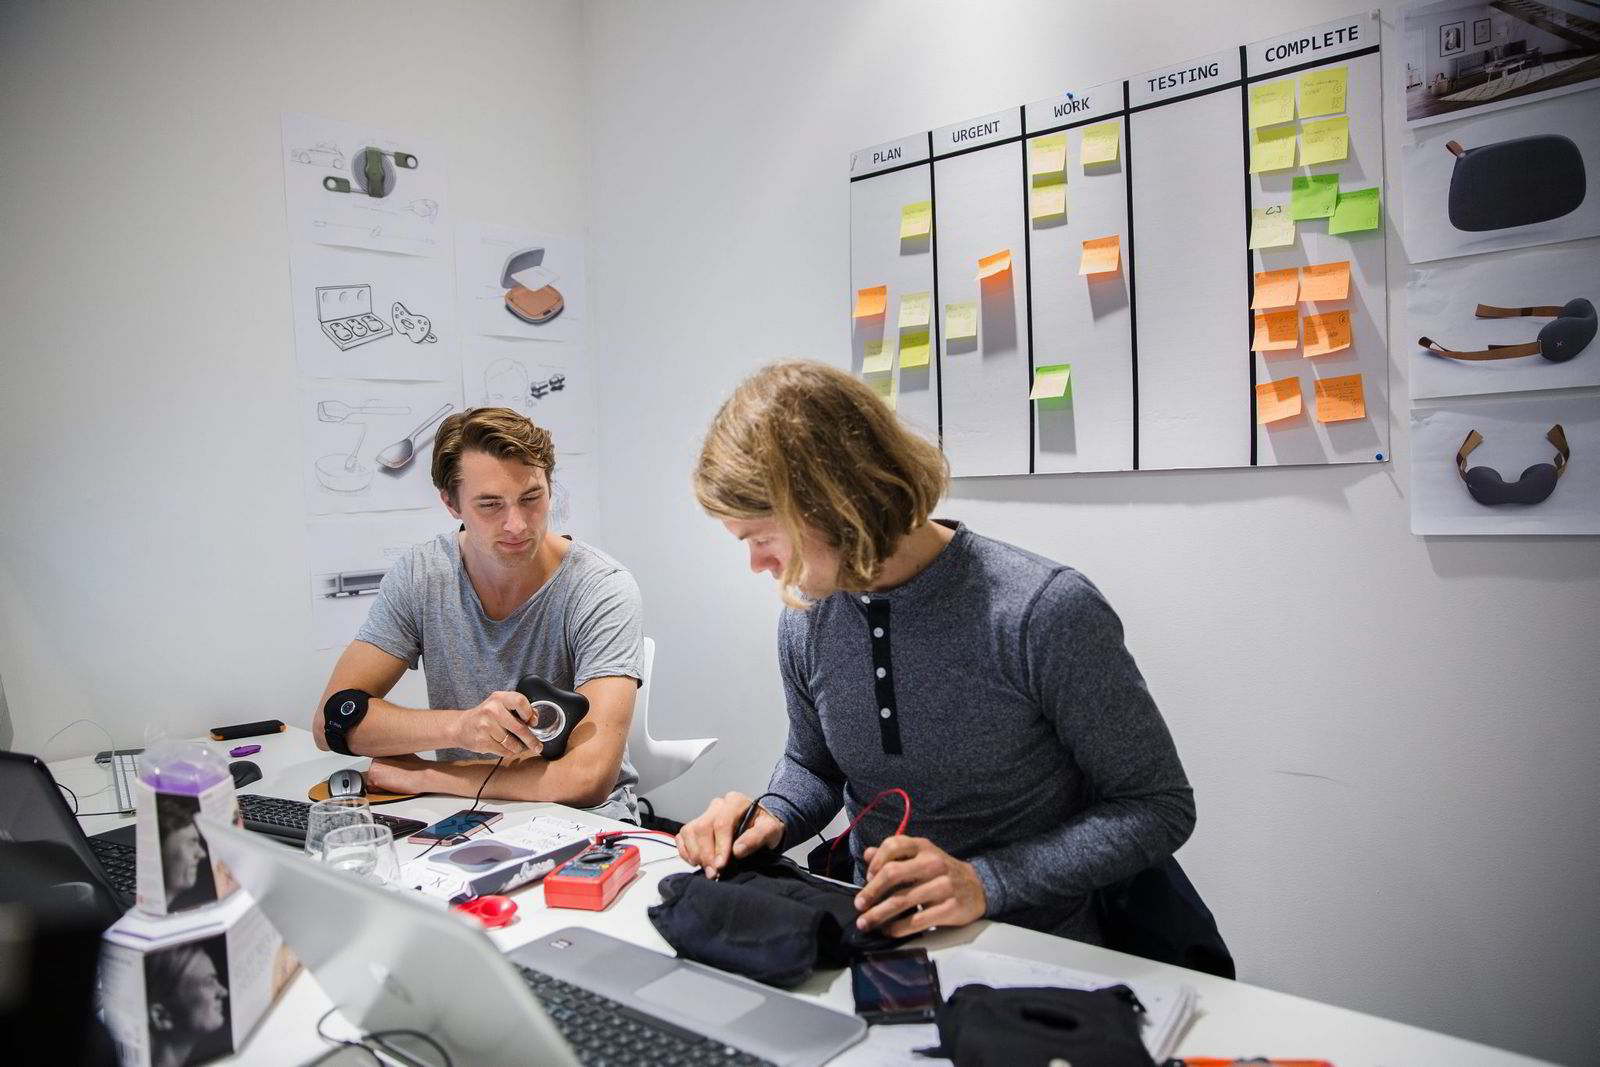 Unikia har gått inn som medeier i selskapet Expain sammen med industridesignerne Einar-Andre R. Bydal til vestre og Thomas Jakobsen. De to har utviklet et sensor-produkt som gjenkjenner uheldig muskelaktivitet og som lanseres i hele Skandinavia i høst.